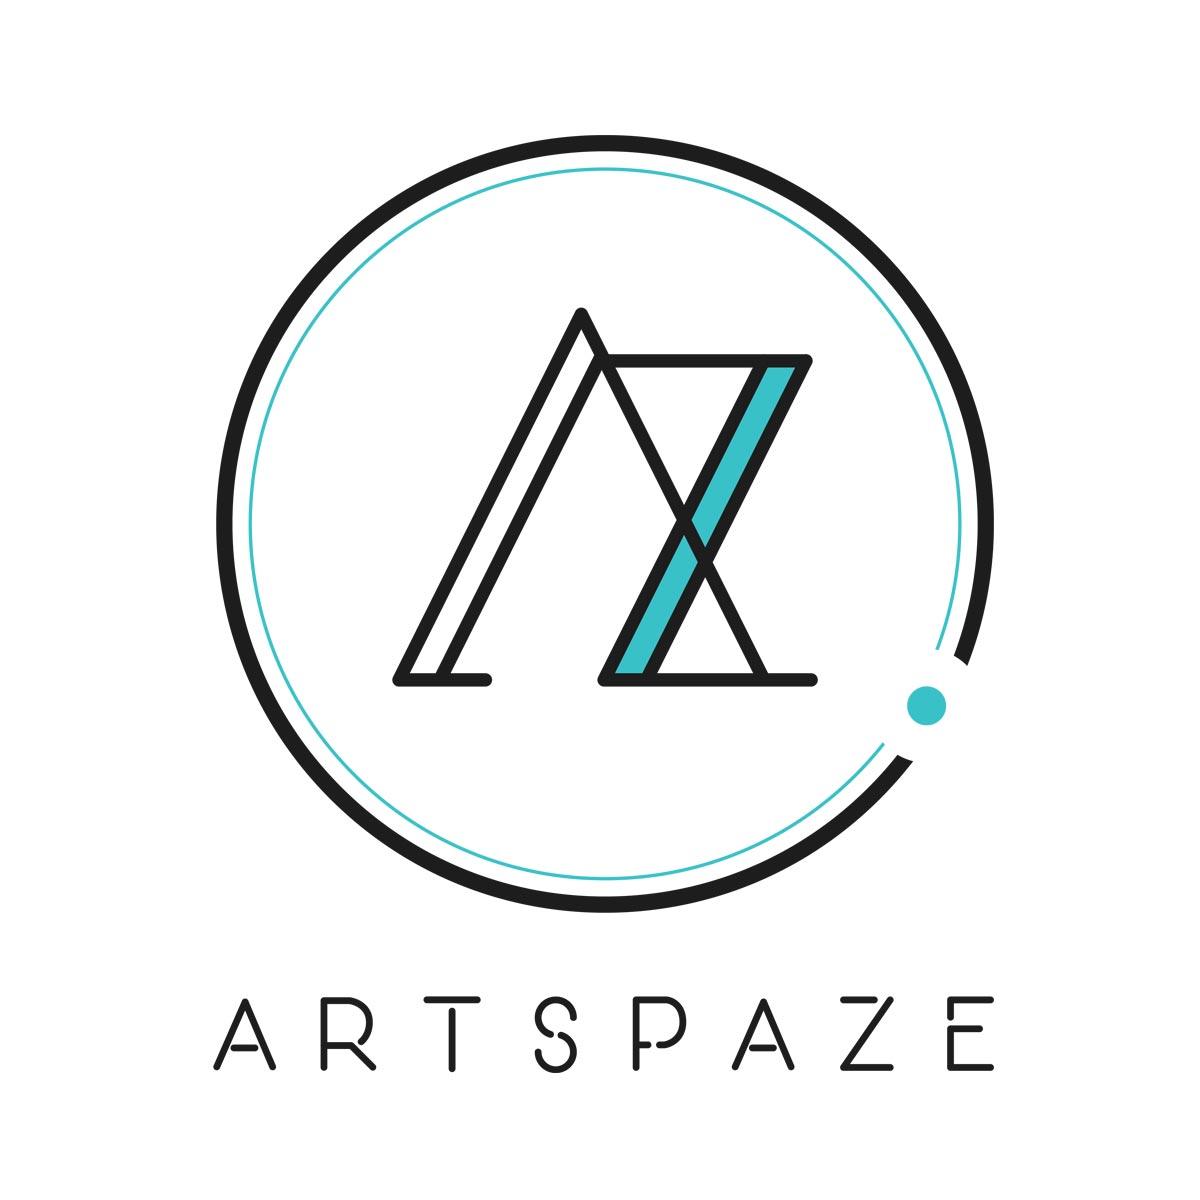 Artspaze